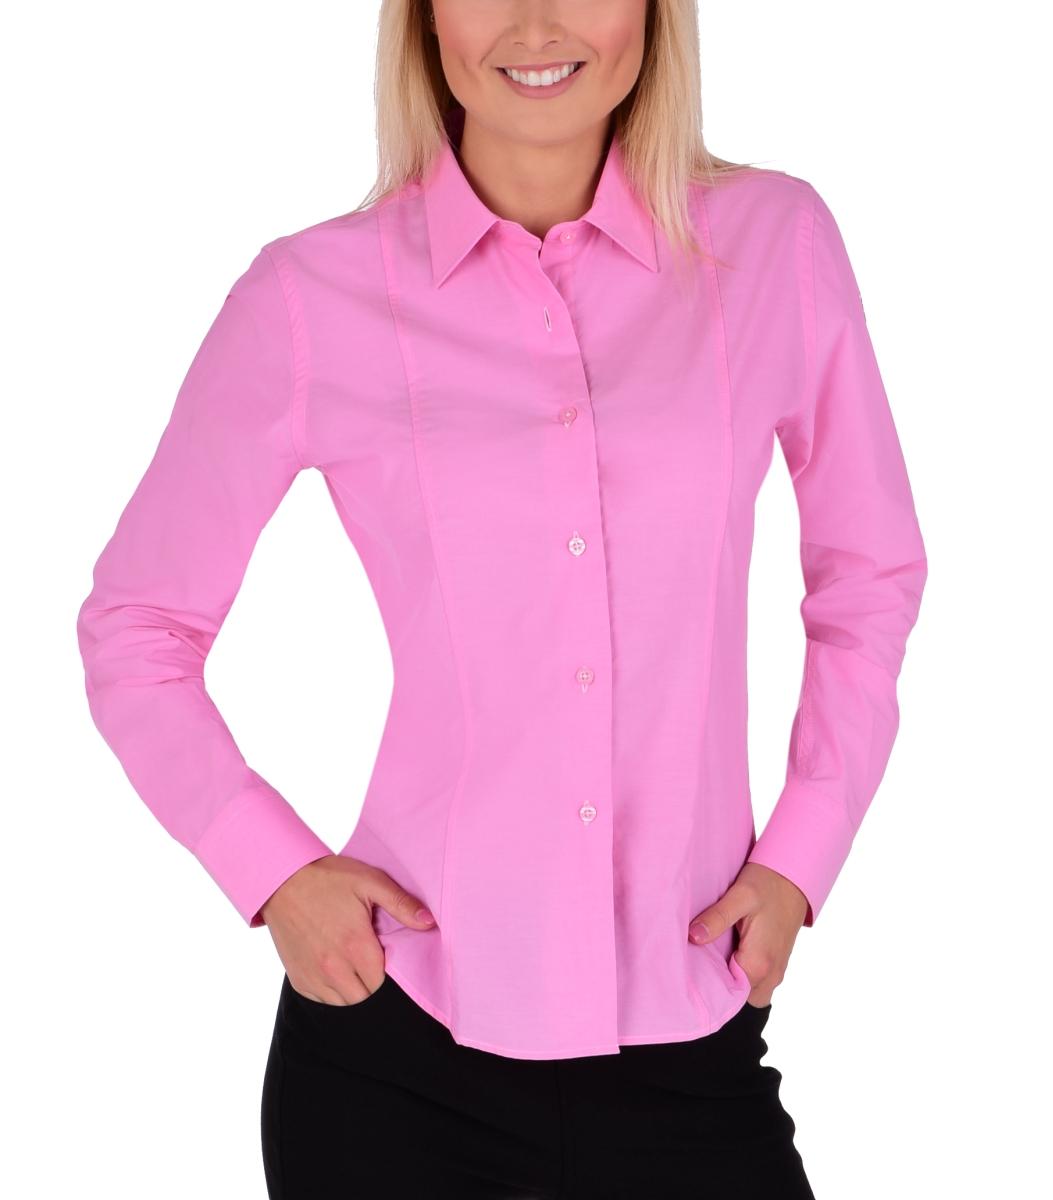 SOPHIA košile  slim fit s dlouhým rukávem pink vel. L